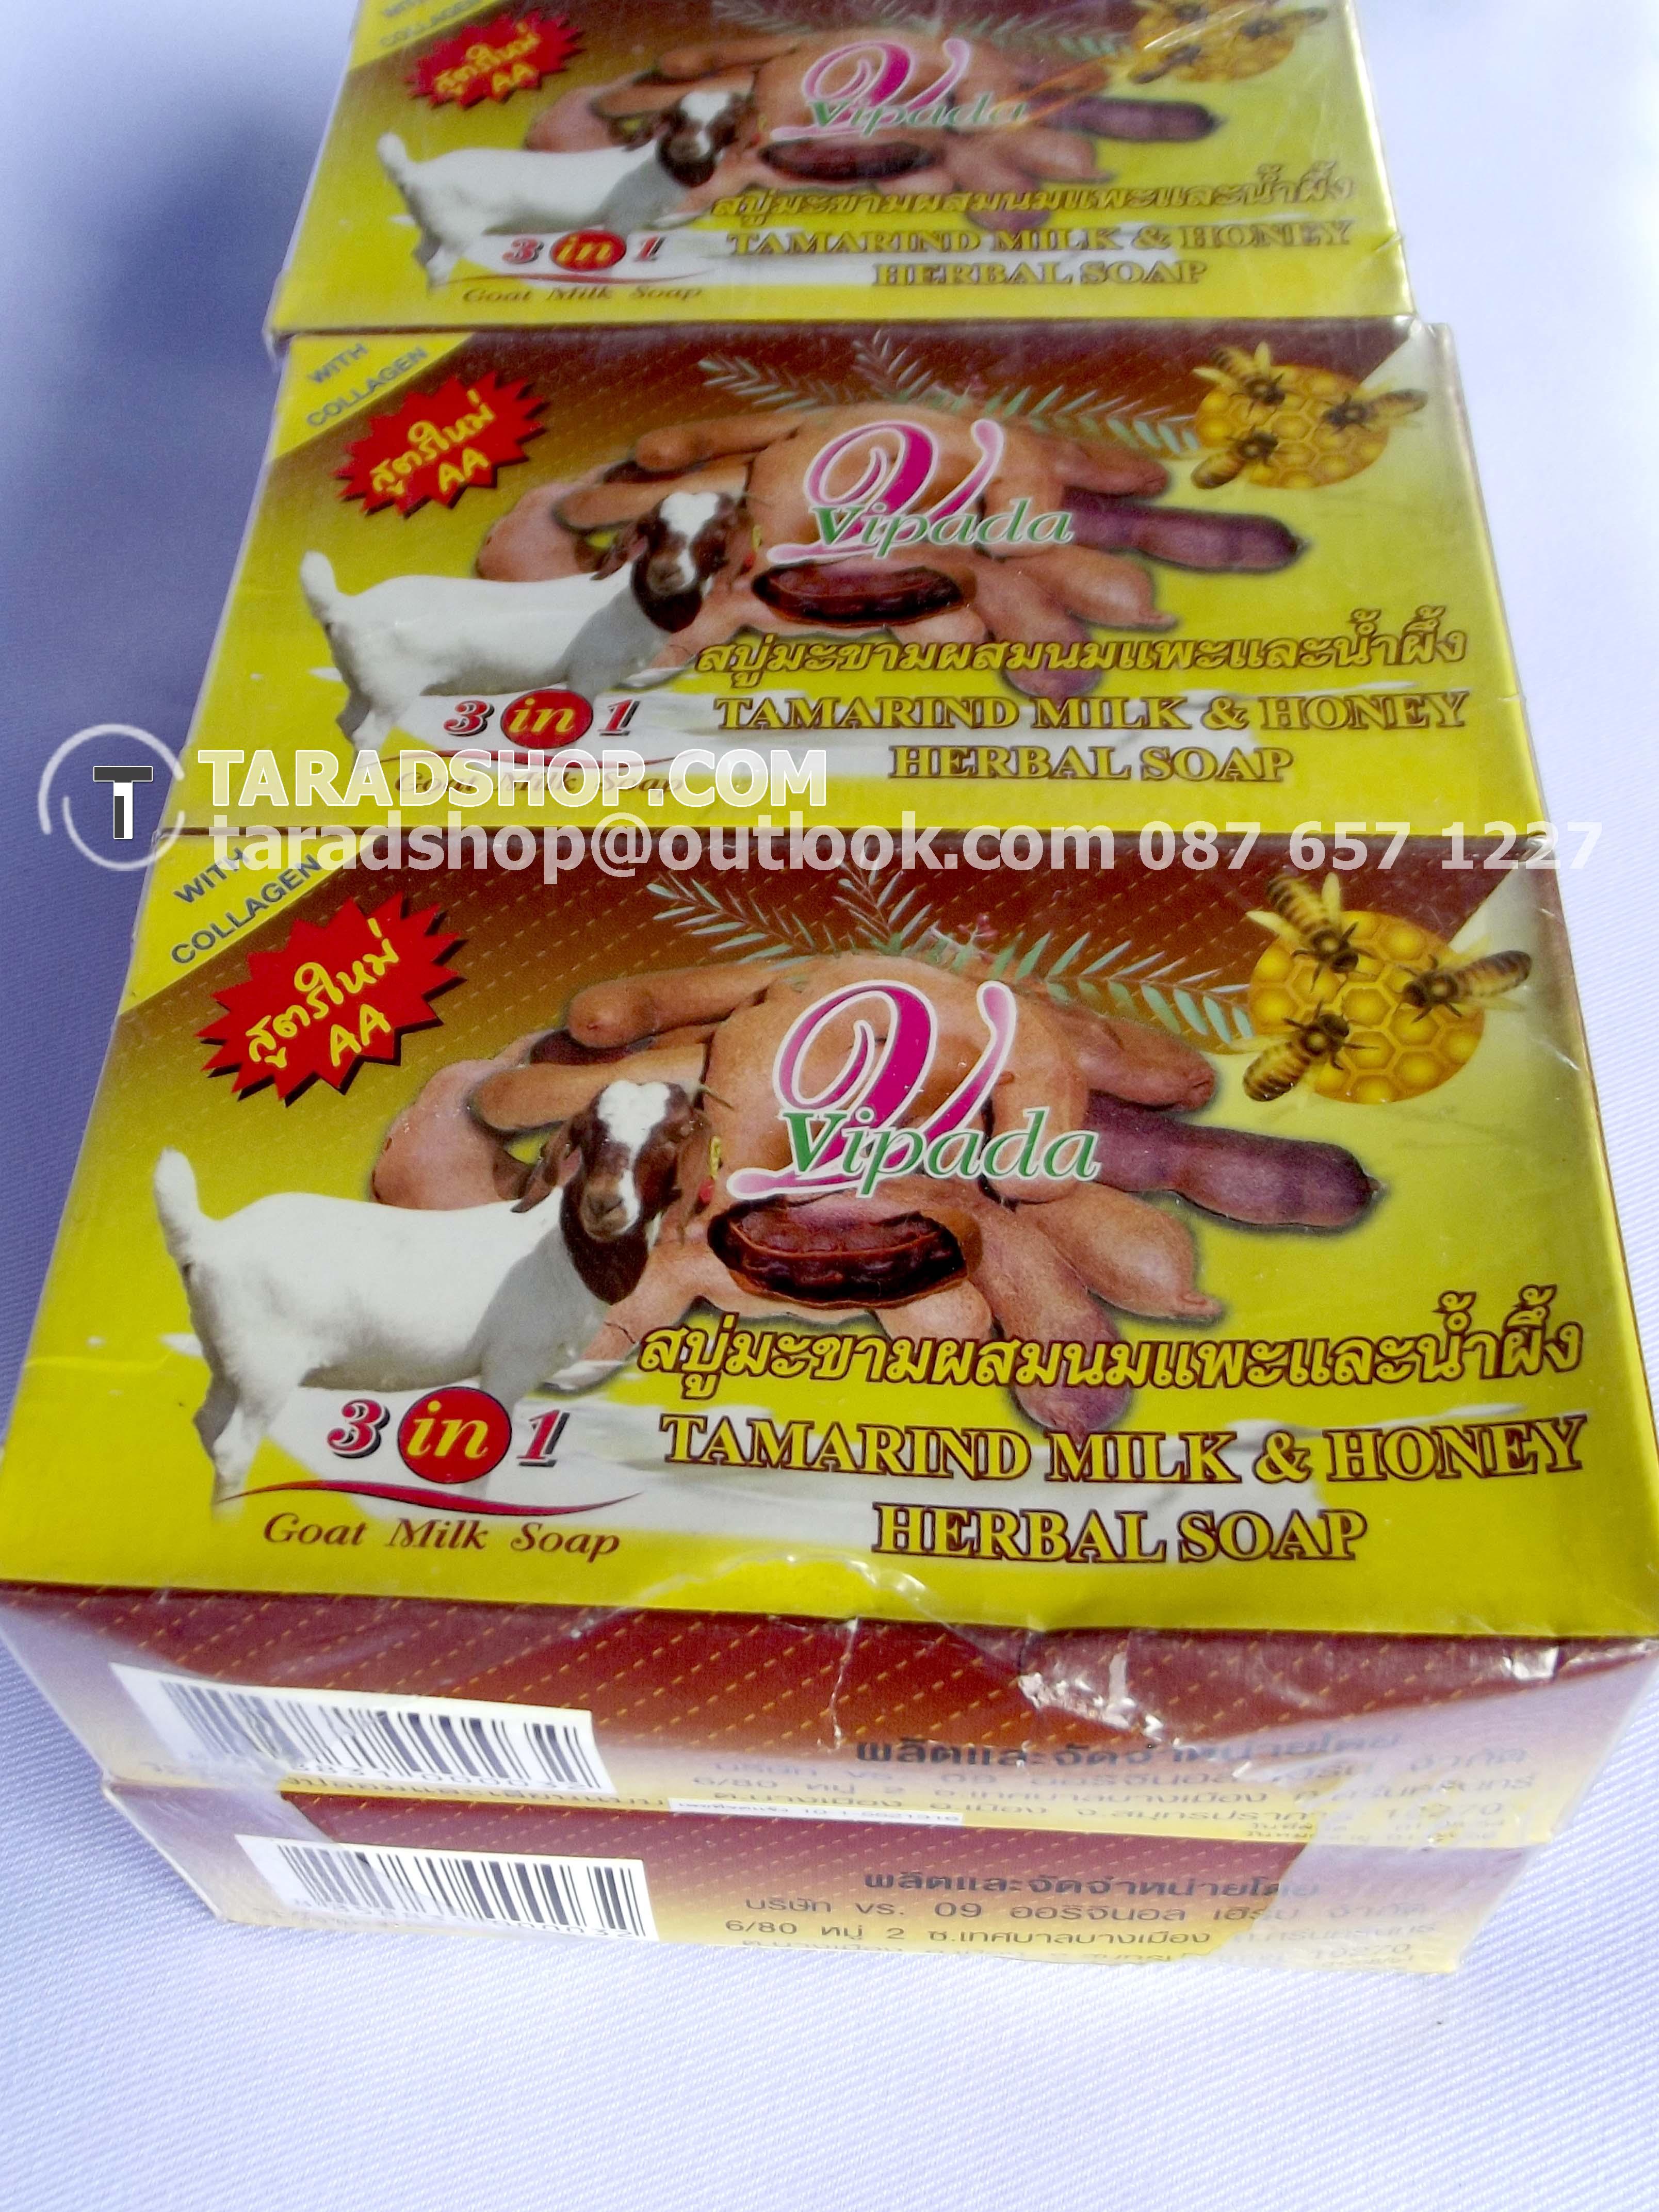 บู่มะขามผสมนมแพะและน้ำผึ้ง สูตรใหม่ เกรด AA Vipada [ชนิดแพ็ค]